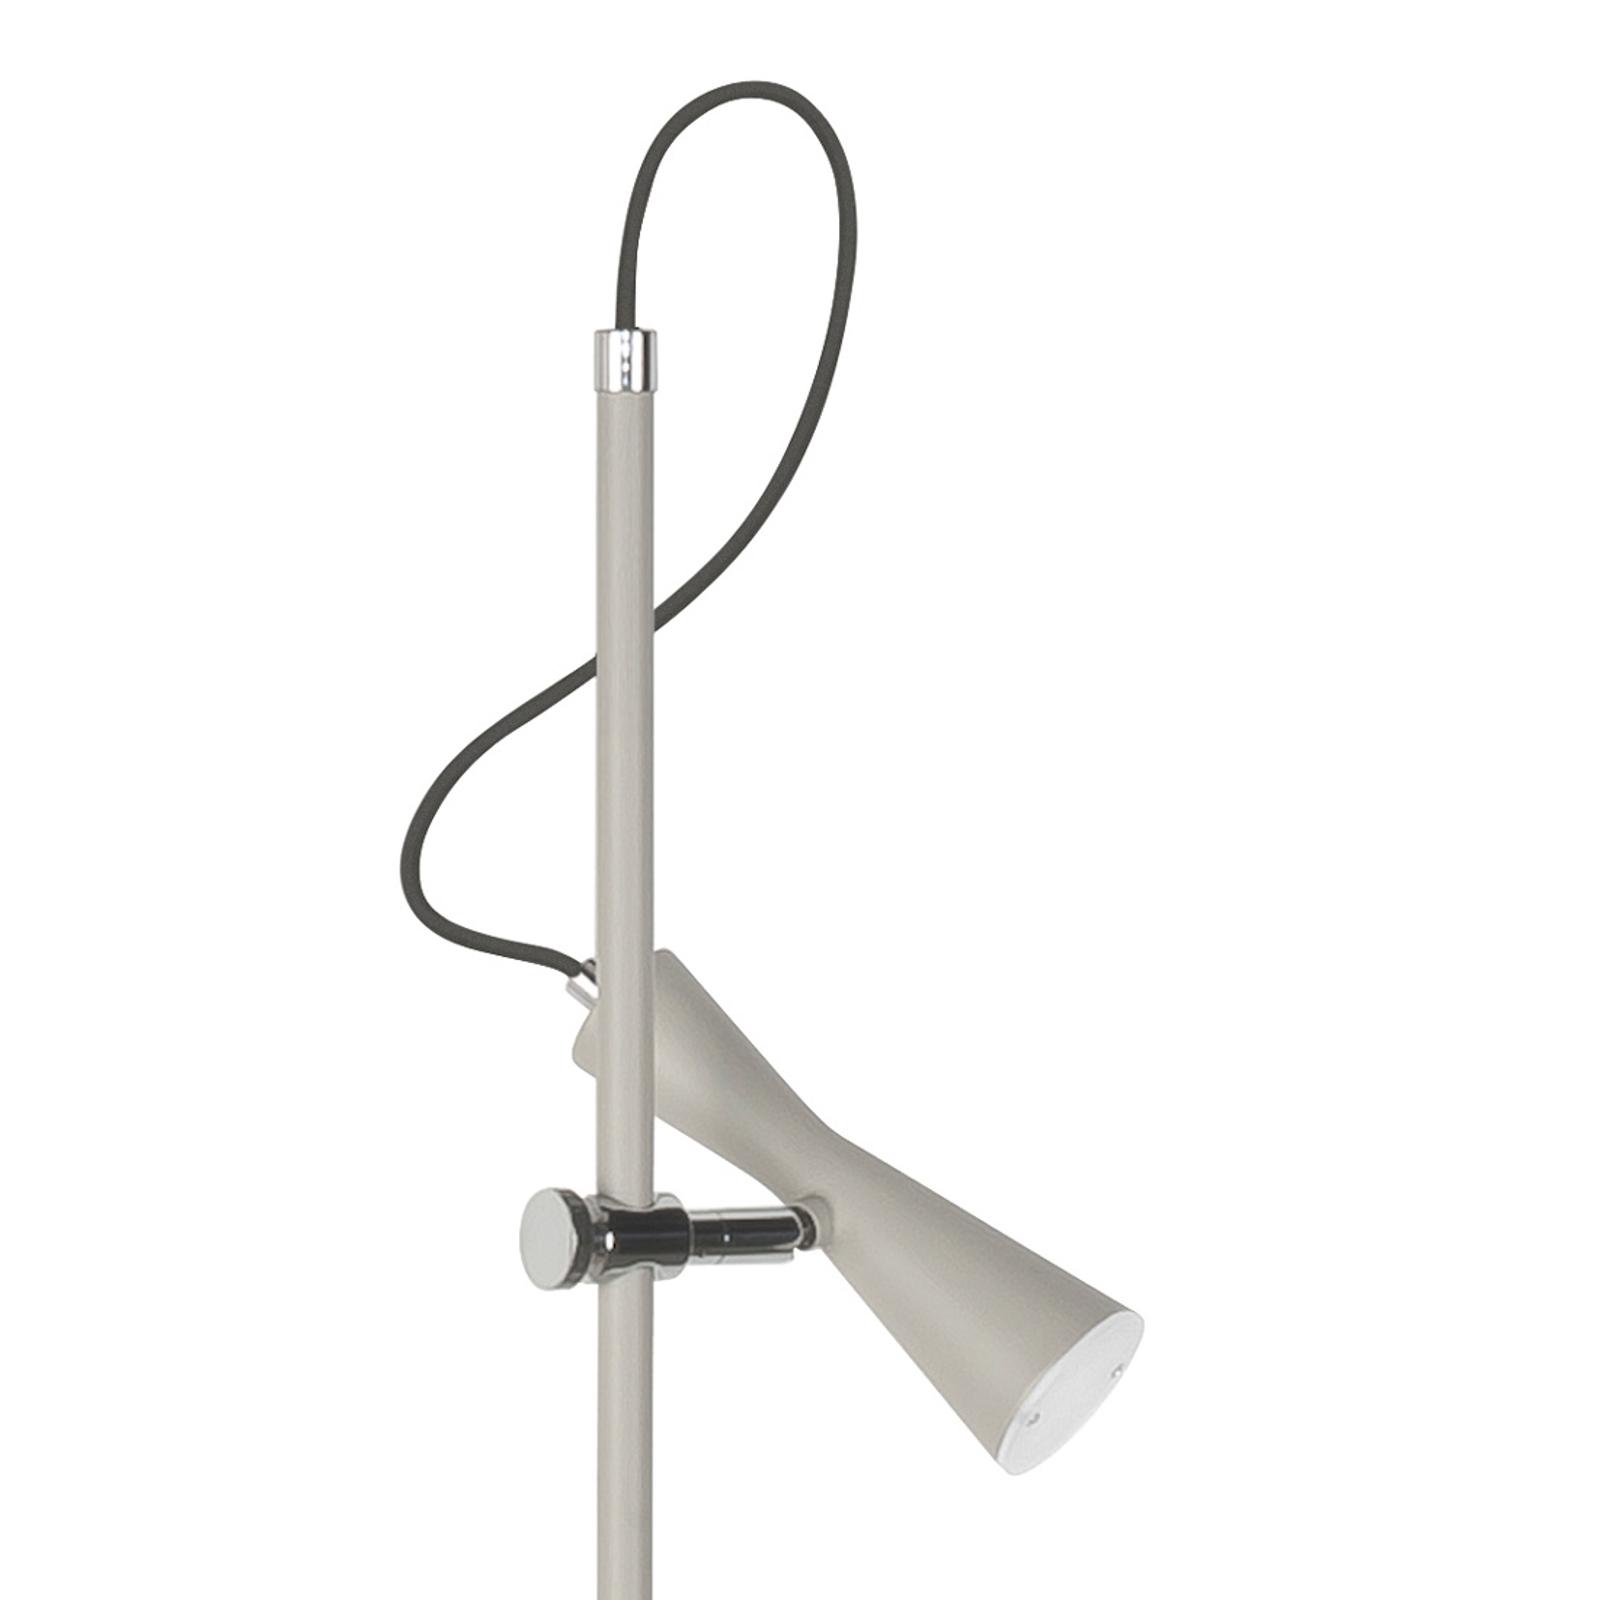 Produktové foto Hight Light B.V. Move béžová stojací lampa LED se zvláštním půvabem